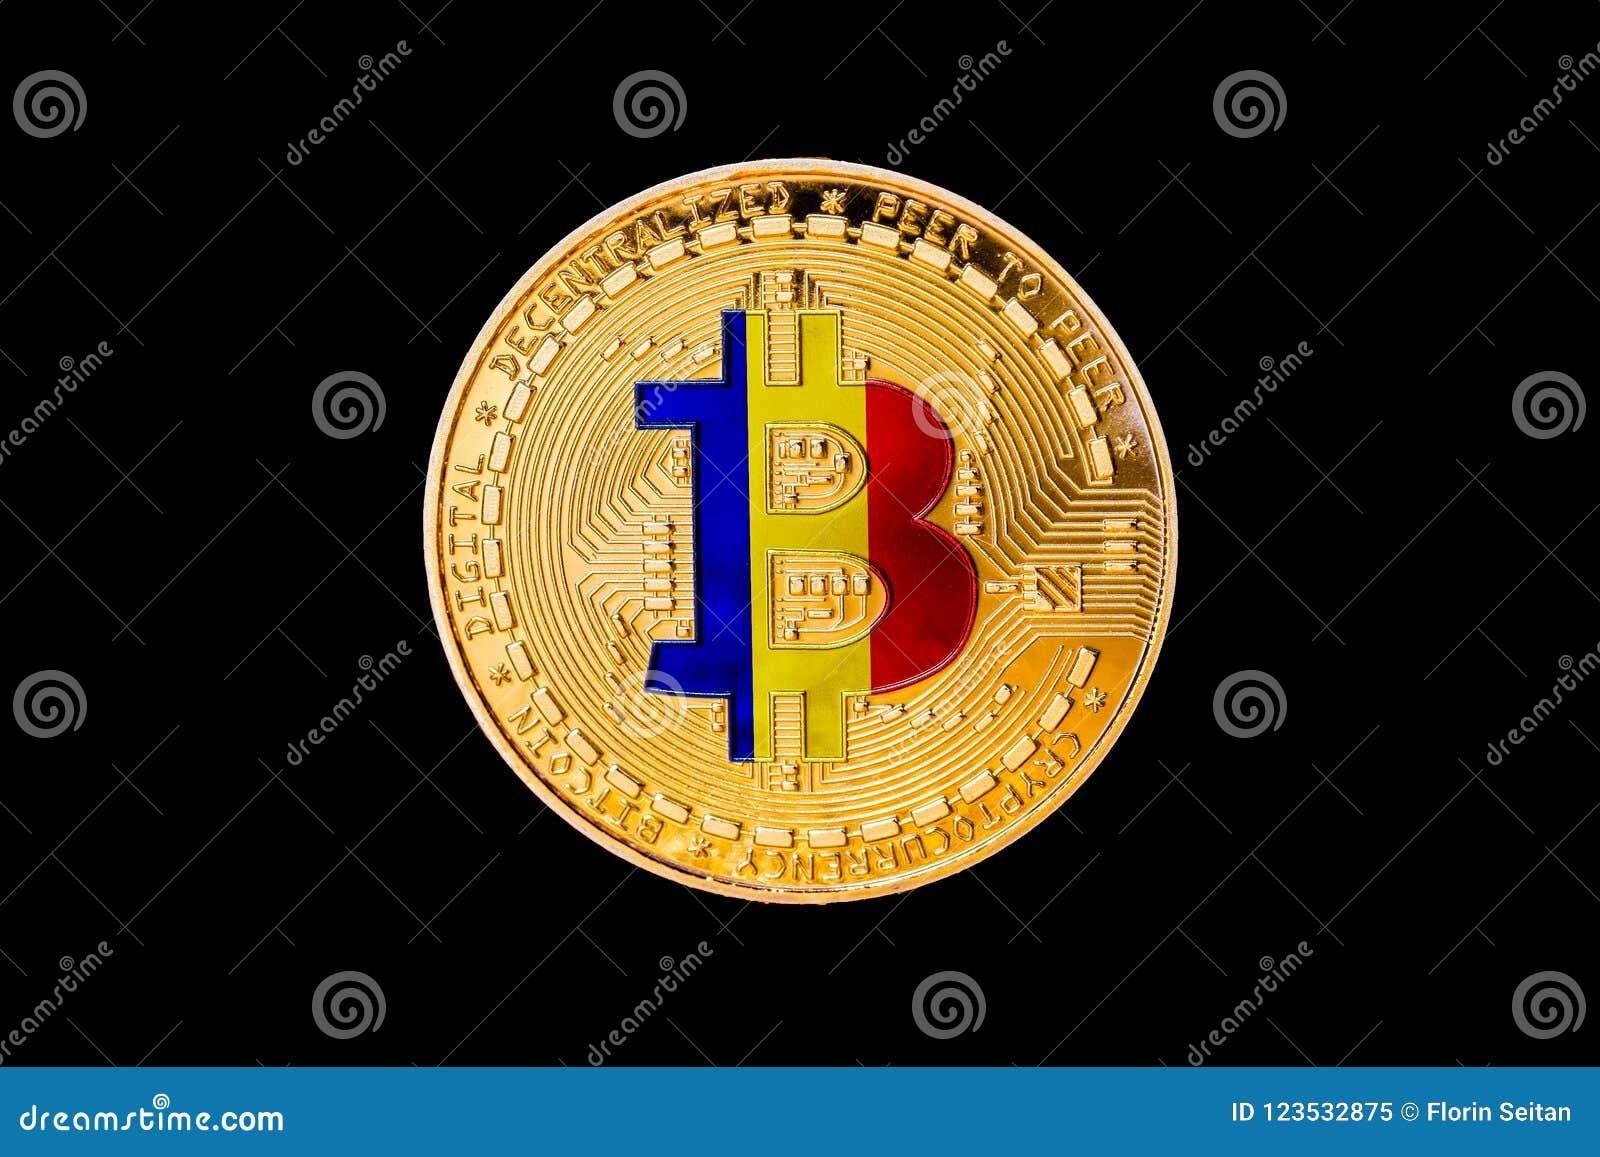 konvertáljon 1 bitcoint a gbp-re